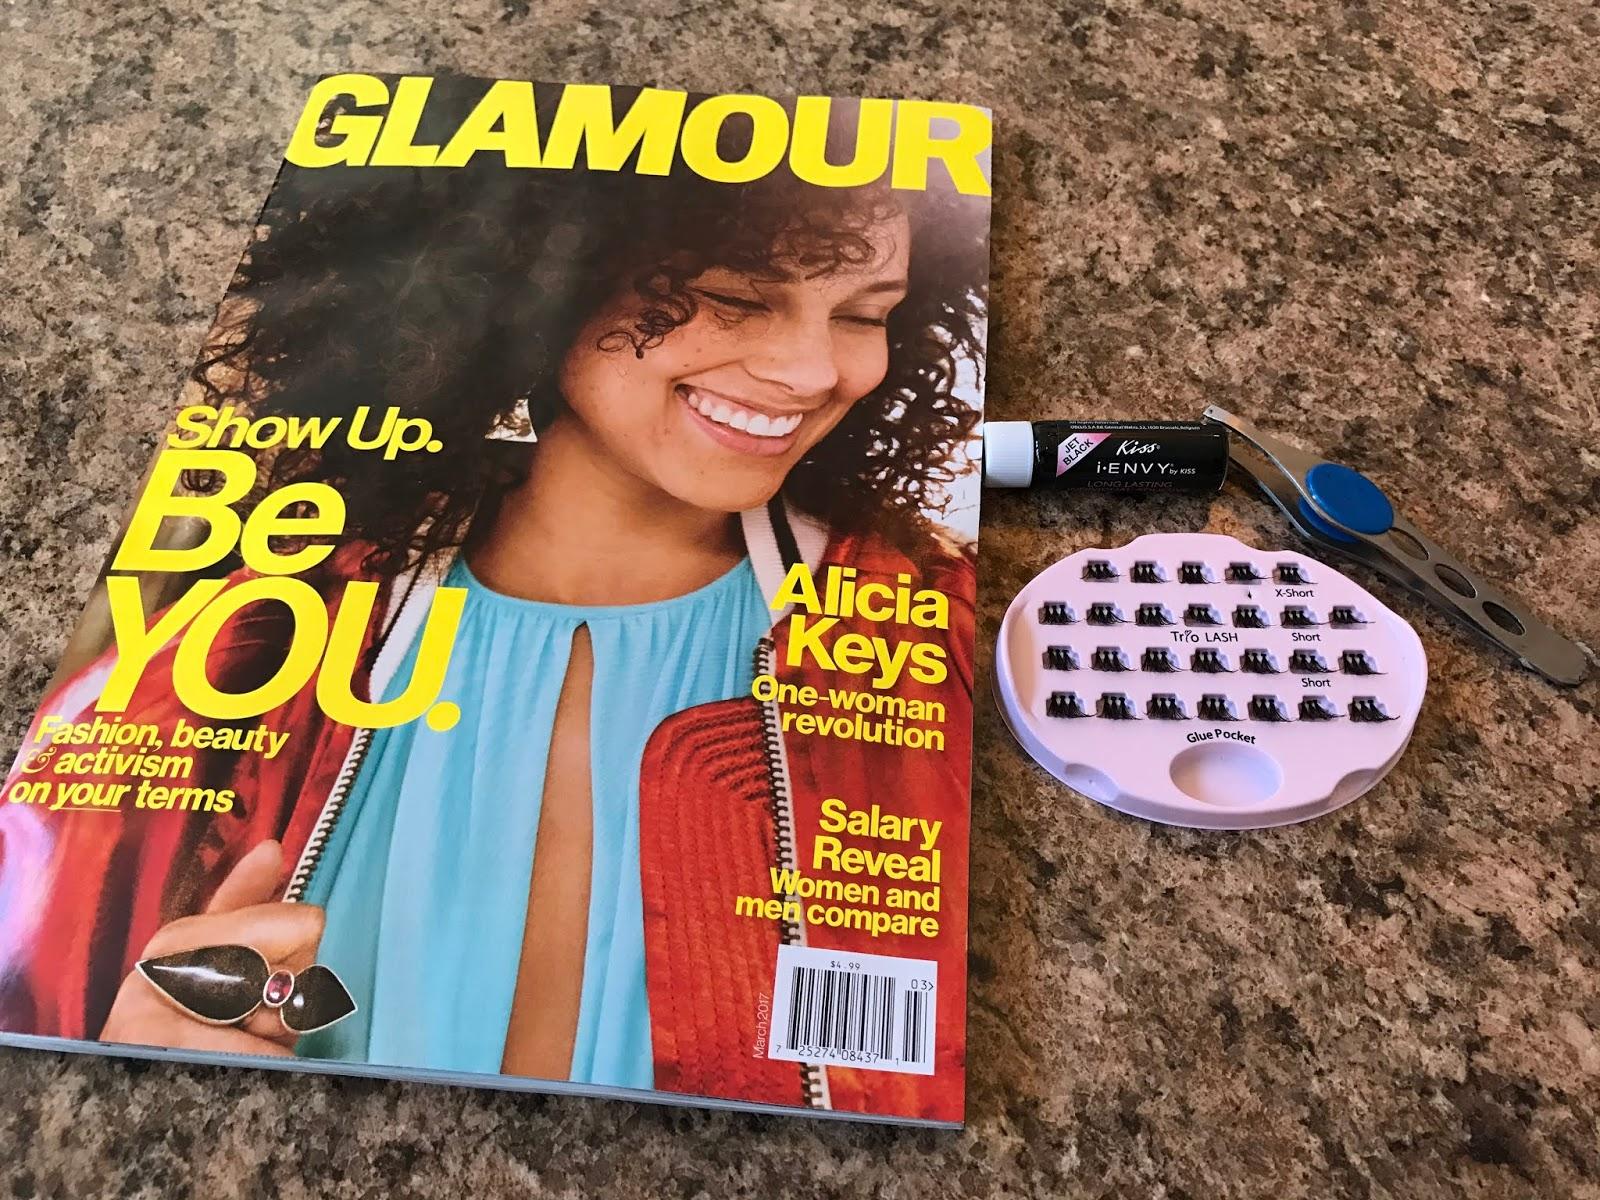 Image: Items used to apply eyelashes, tweezers, glue, lash box, Magazine for decoration